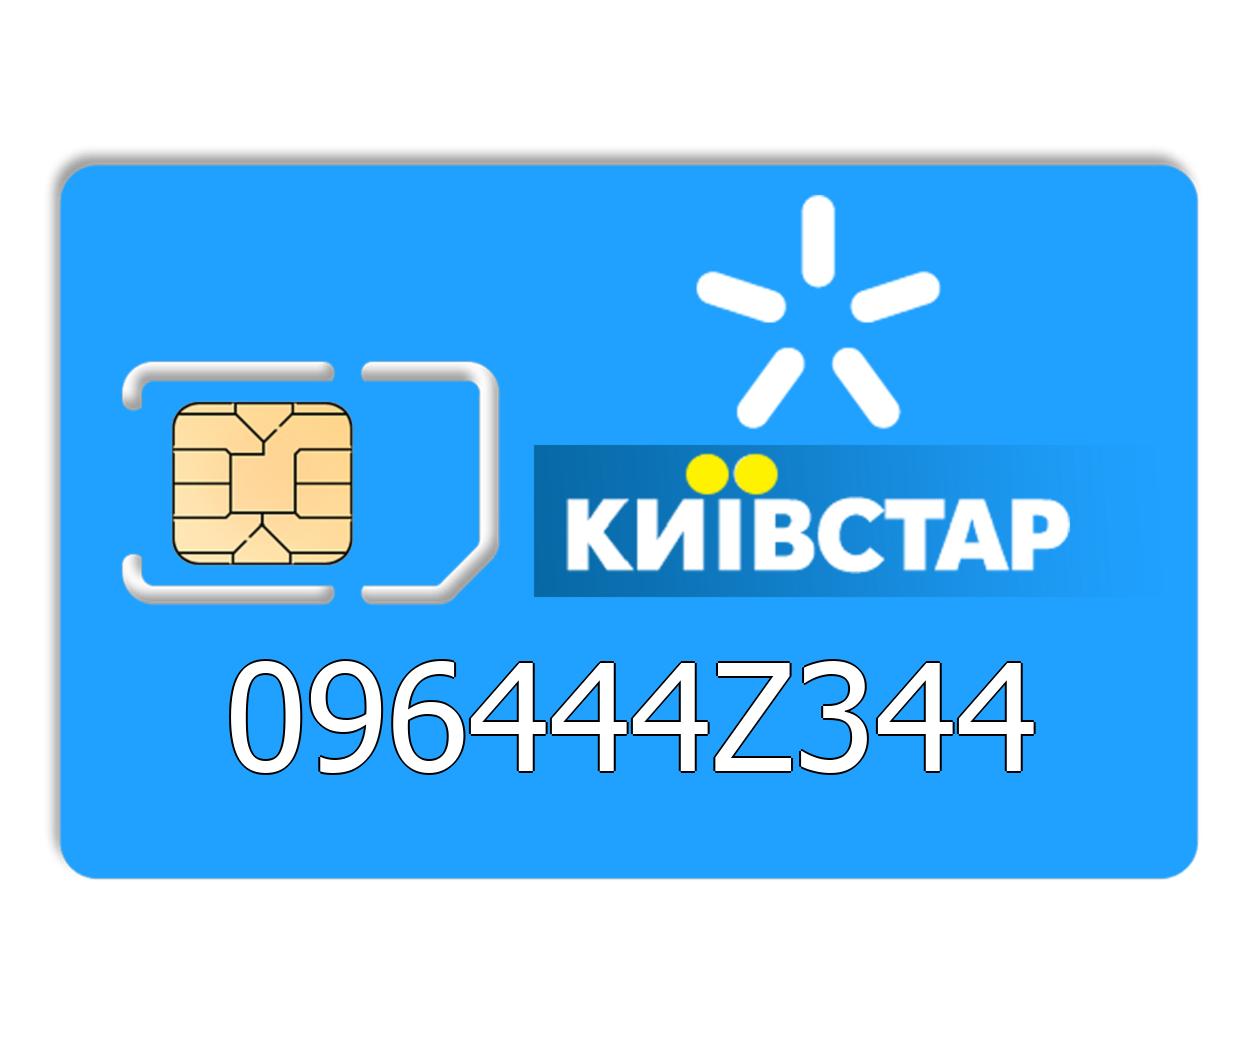 Красивый номер Киевстар 096444Z344